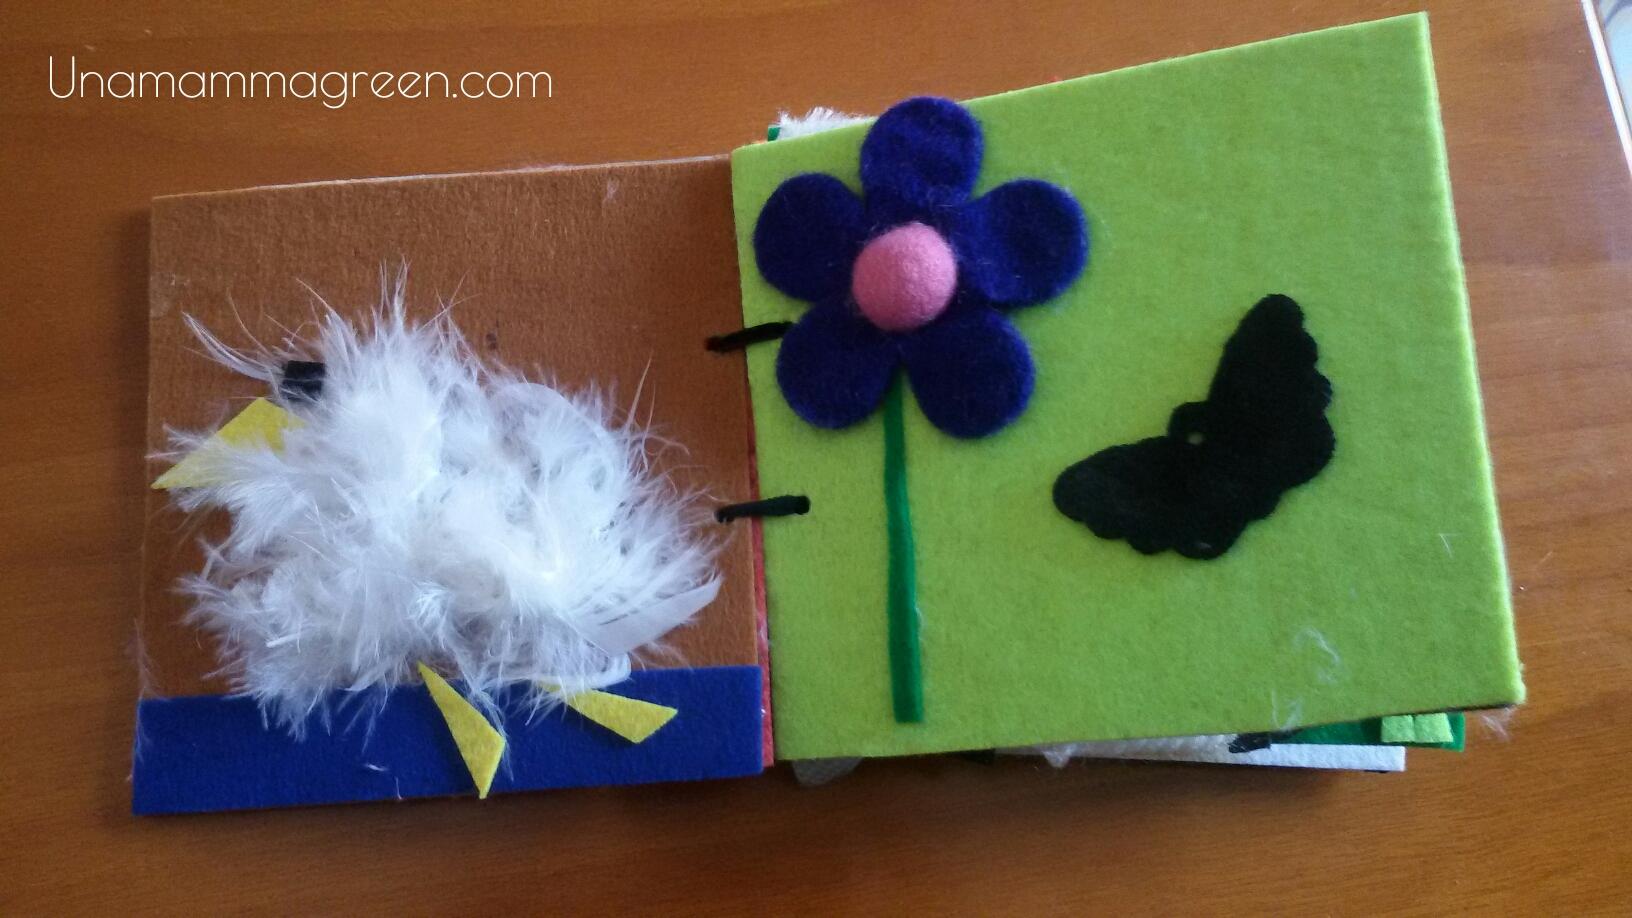 Famoso Libro tattile fai da te con materiali riciclati - Una mamma green TM72